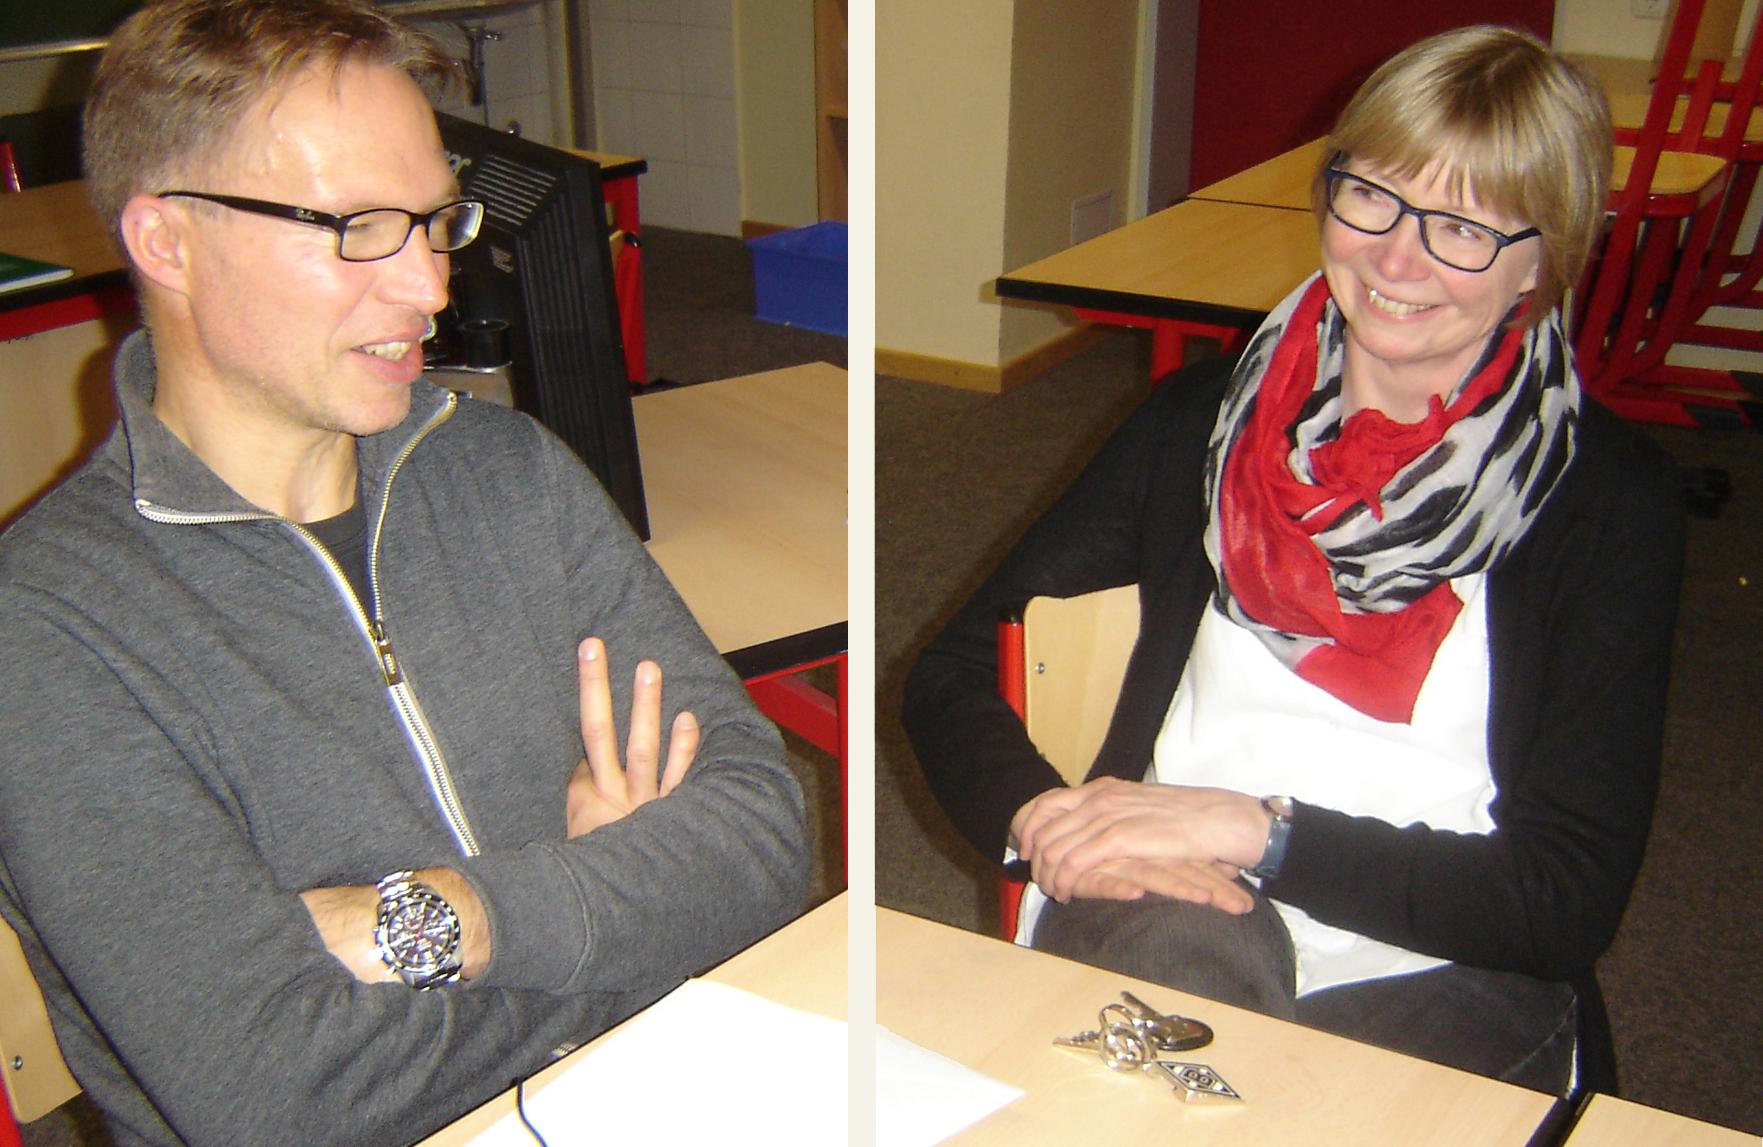 Herr Diekmann und Frau Berger im Gespräch